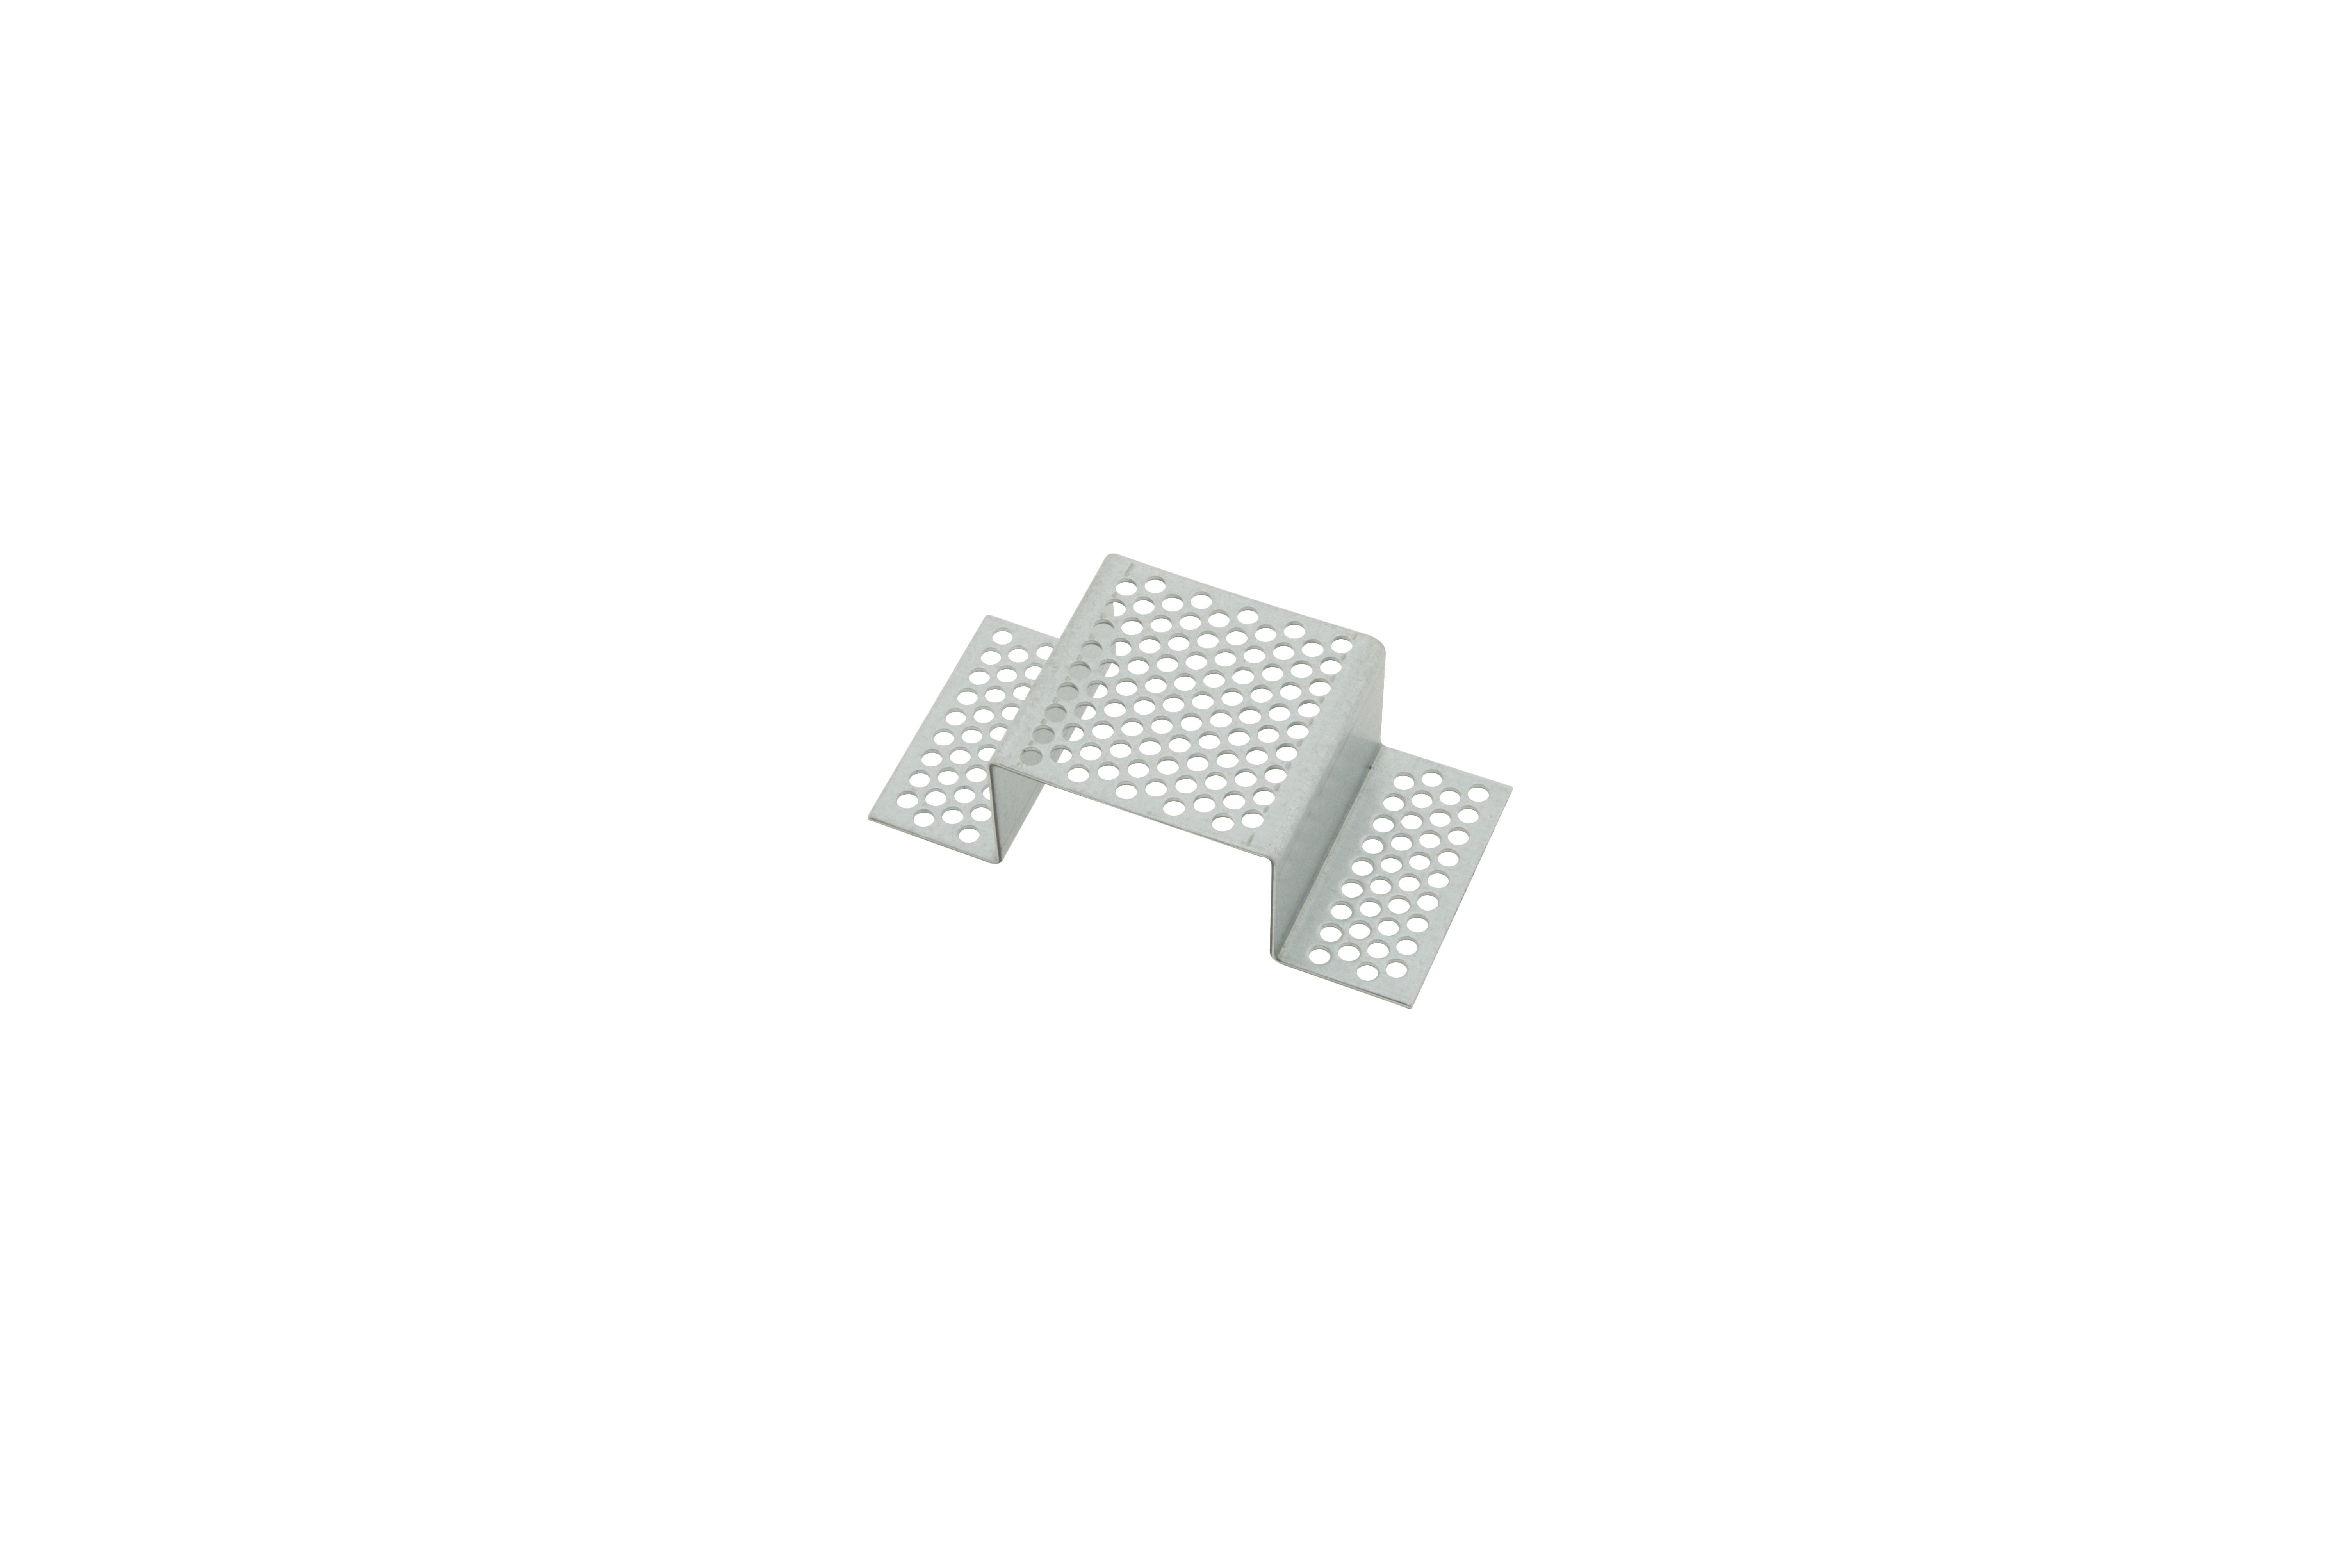 1 Stk Einbau Montagewinkel CL und LBKI LIPZ003007